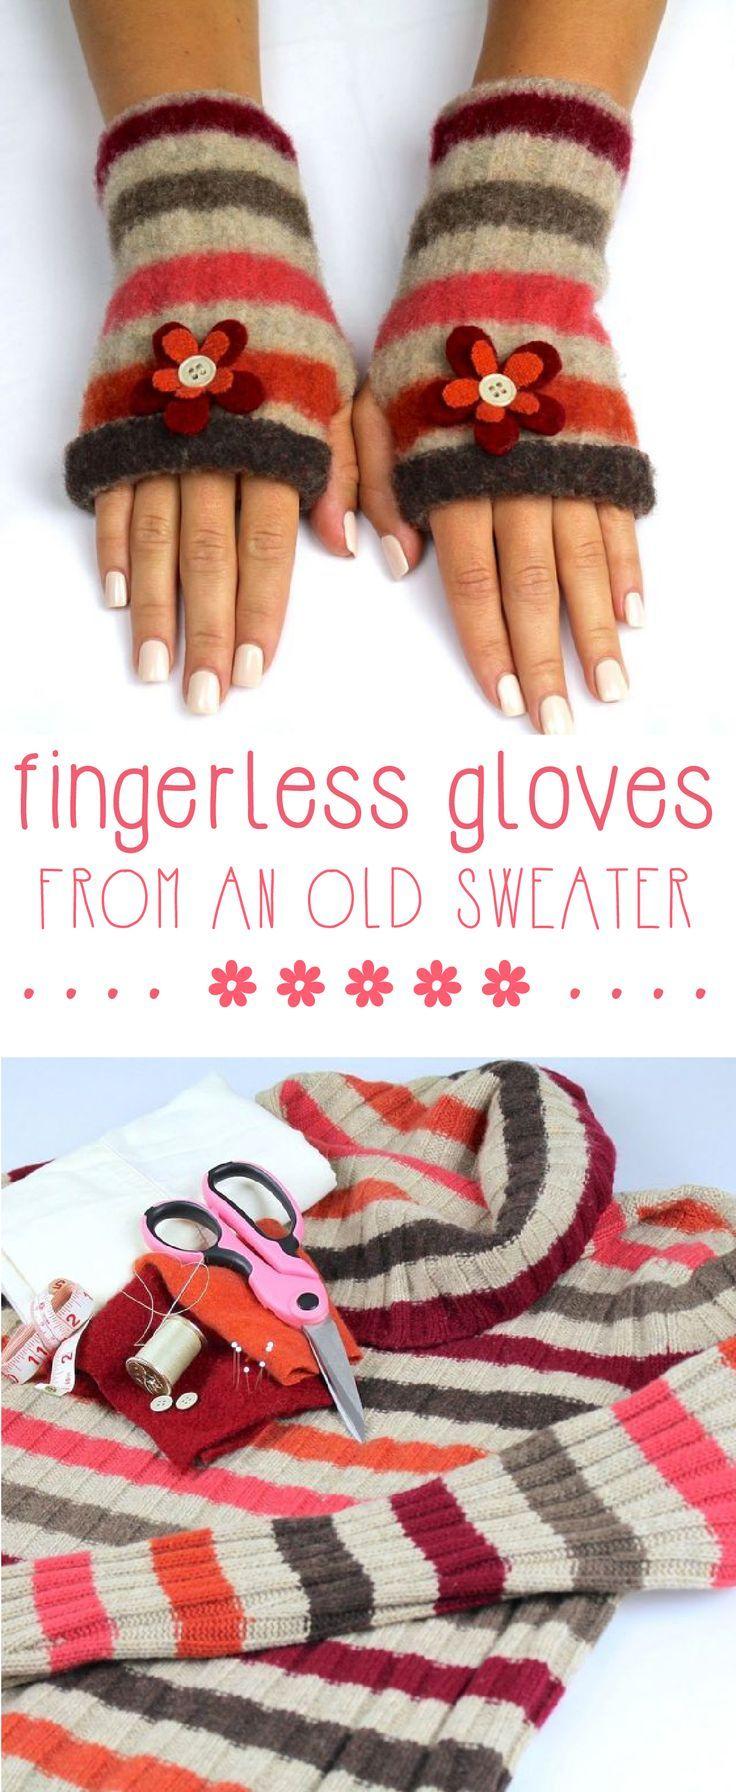 Fingerless gloves diy - How To Make Felt Fingerless Gloves